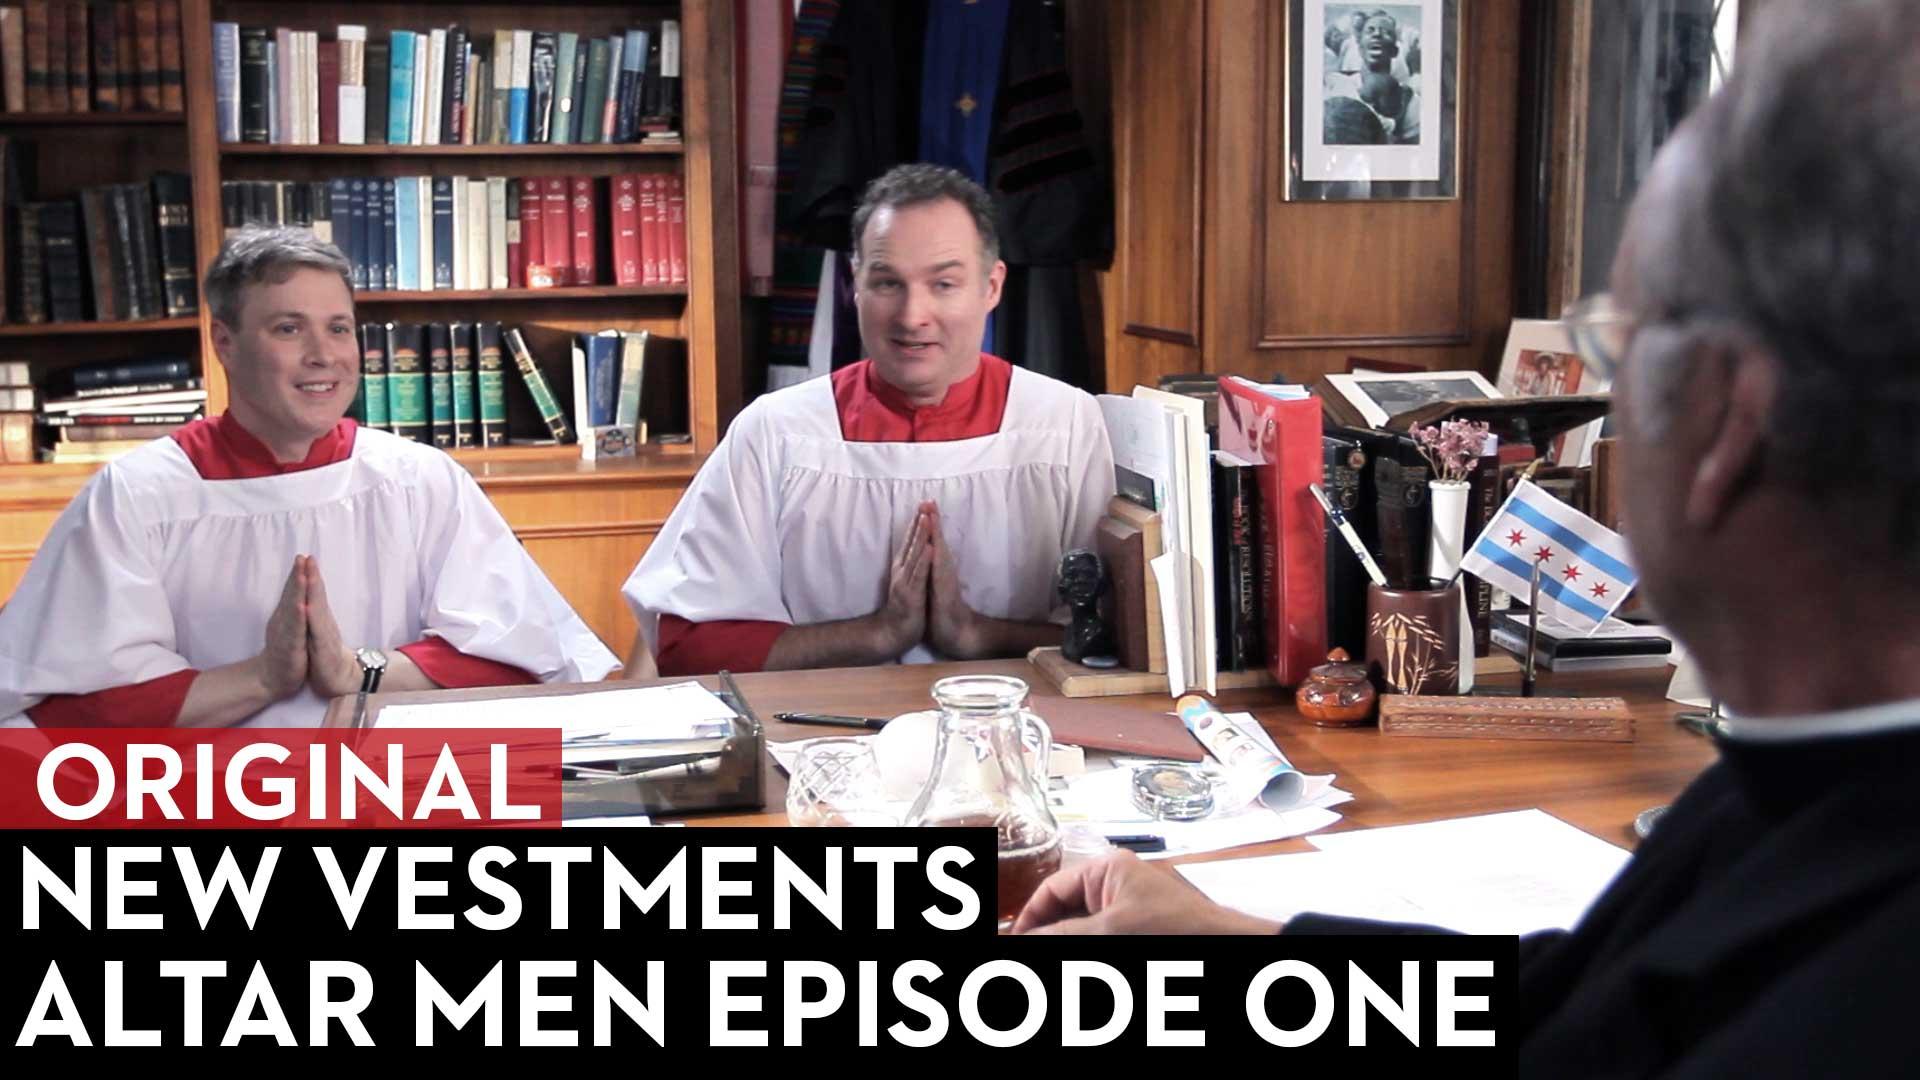 New Vestments: Altar Men Episode 1